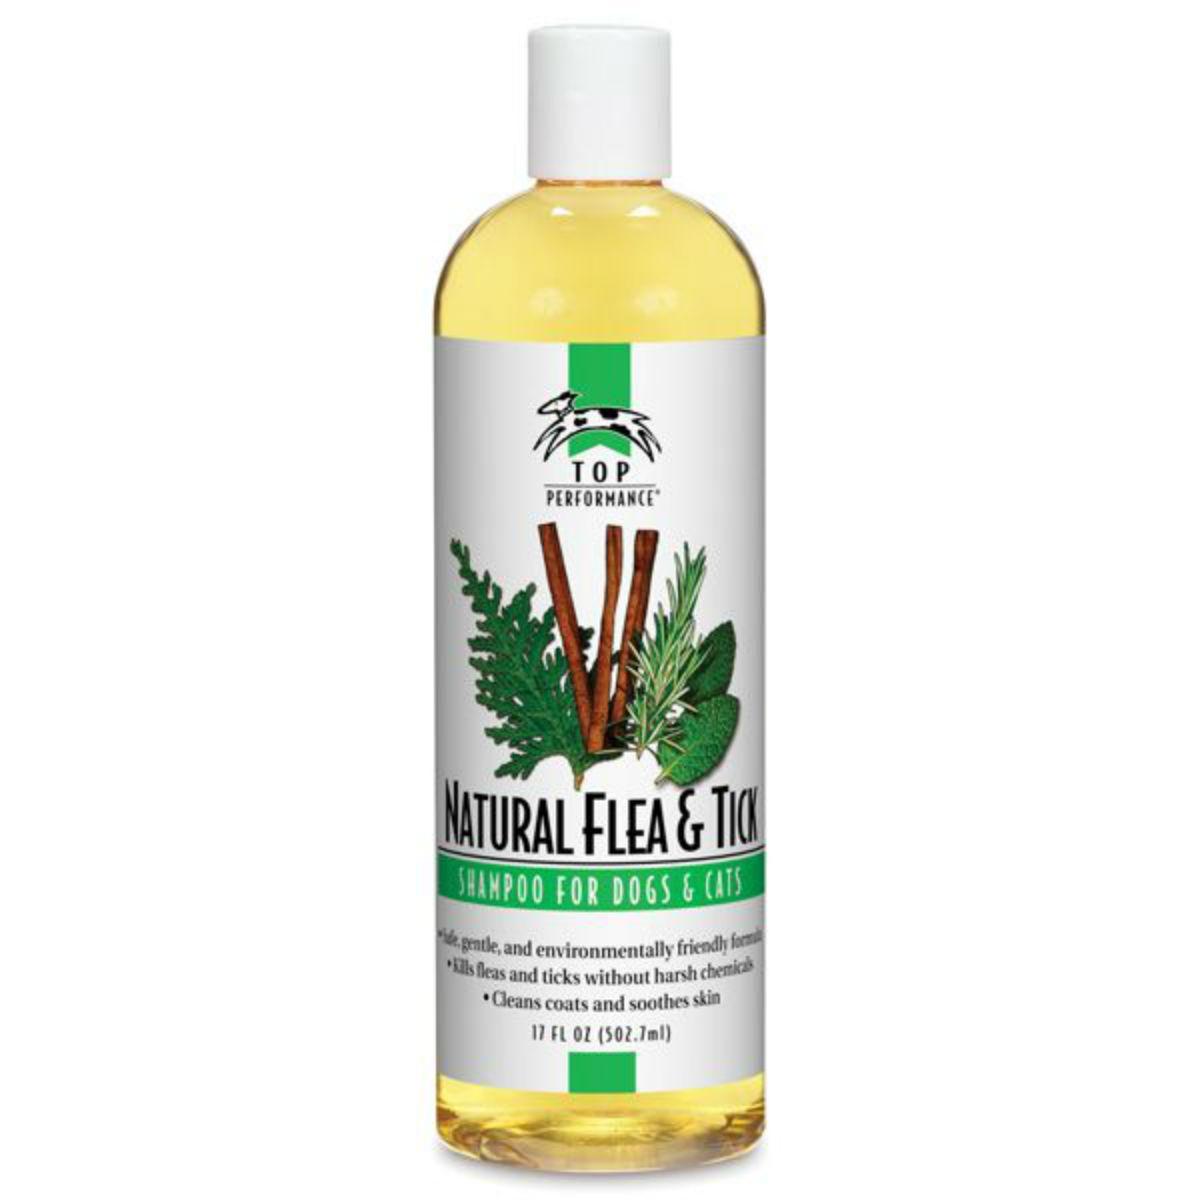 Top Performance Pet Shampoo - Natural Flea & Tick